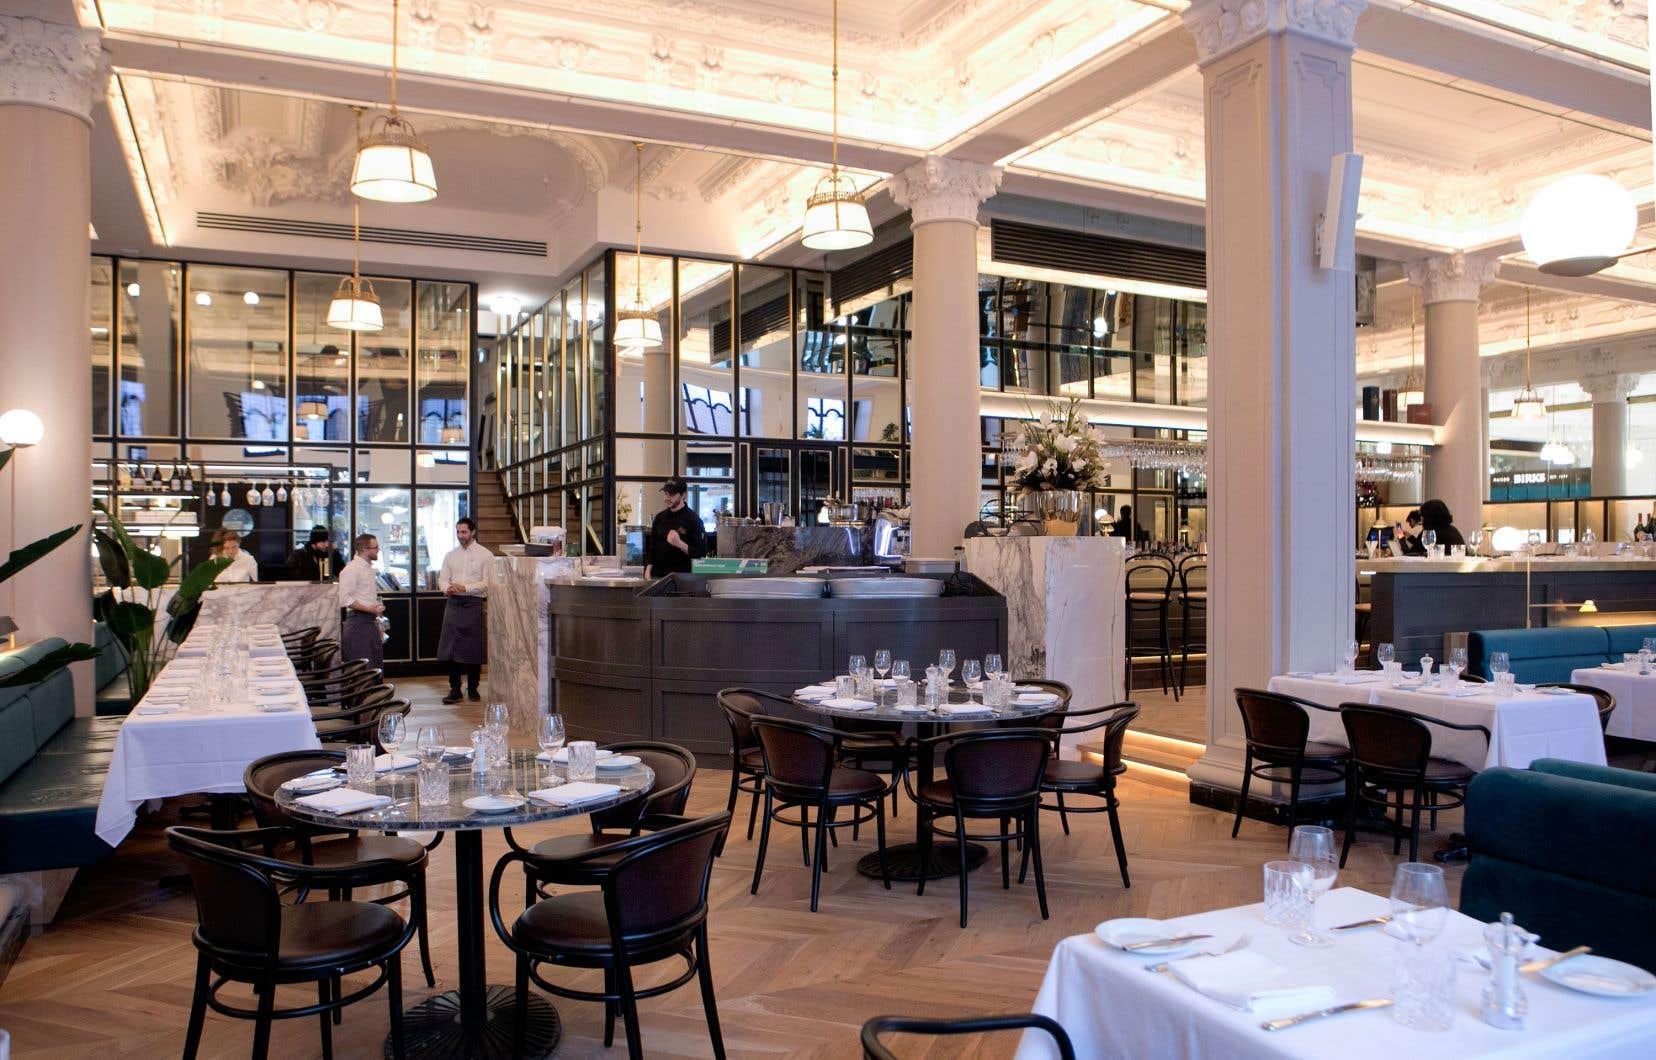 Chez Henri Brasserie française, l'accueil est impeccable, le décor est splendide, et la cuisine l'est tout autant.